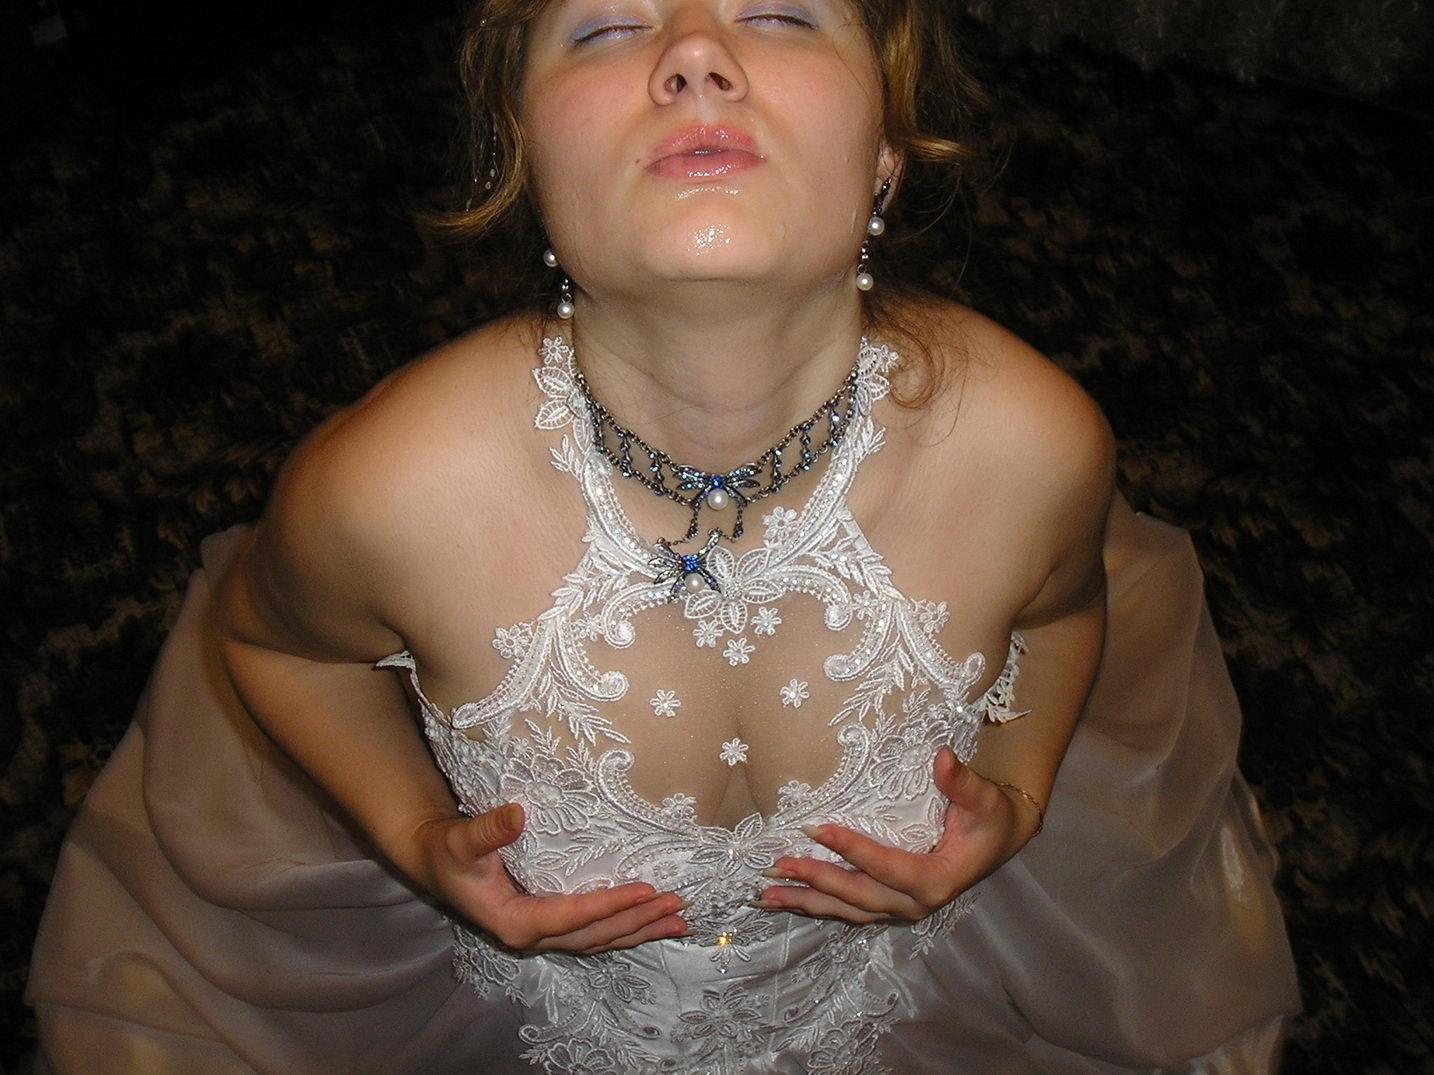 Big facial cumshot for a real bride